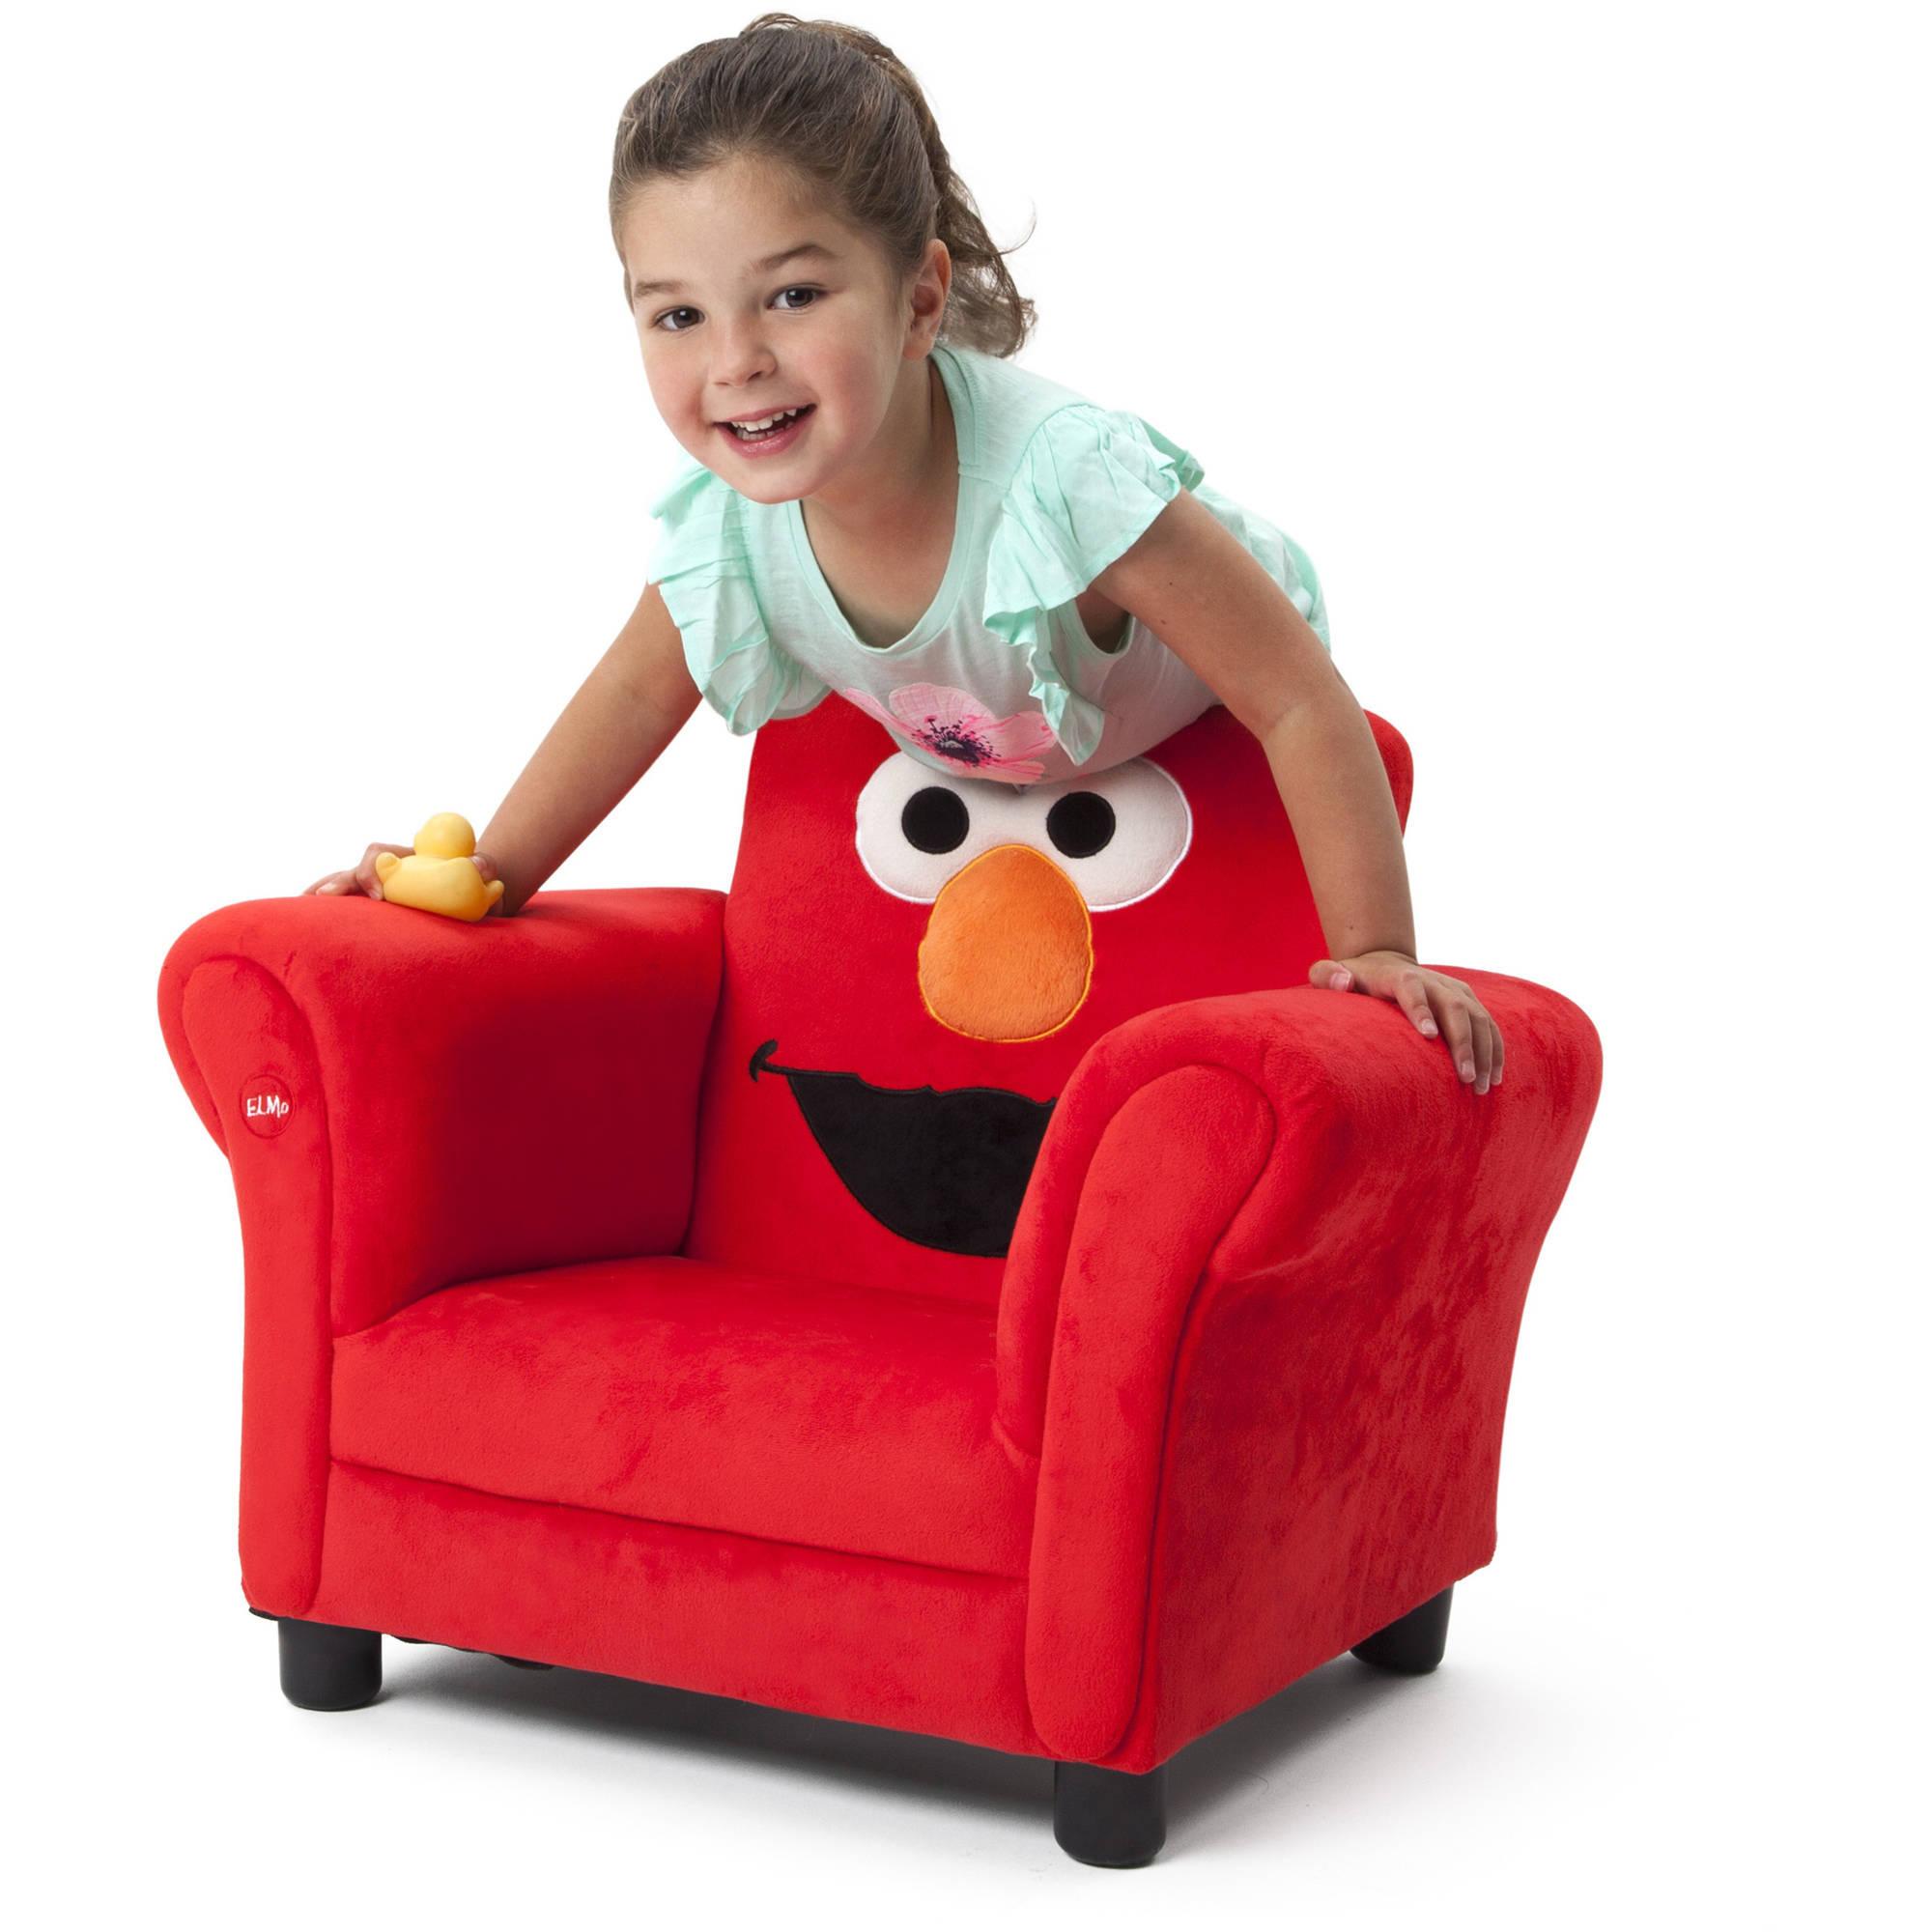 Sesame Street Elmo Upholstered Chair Walmart